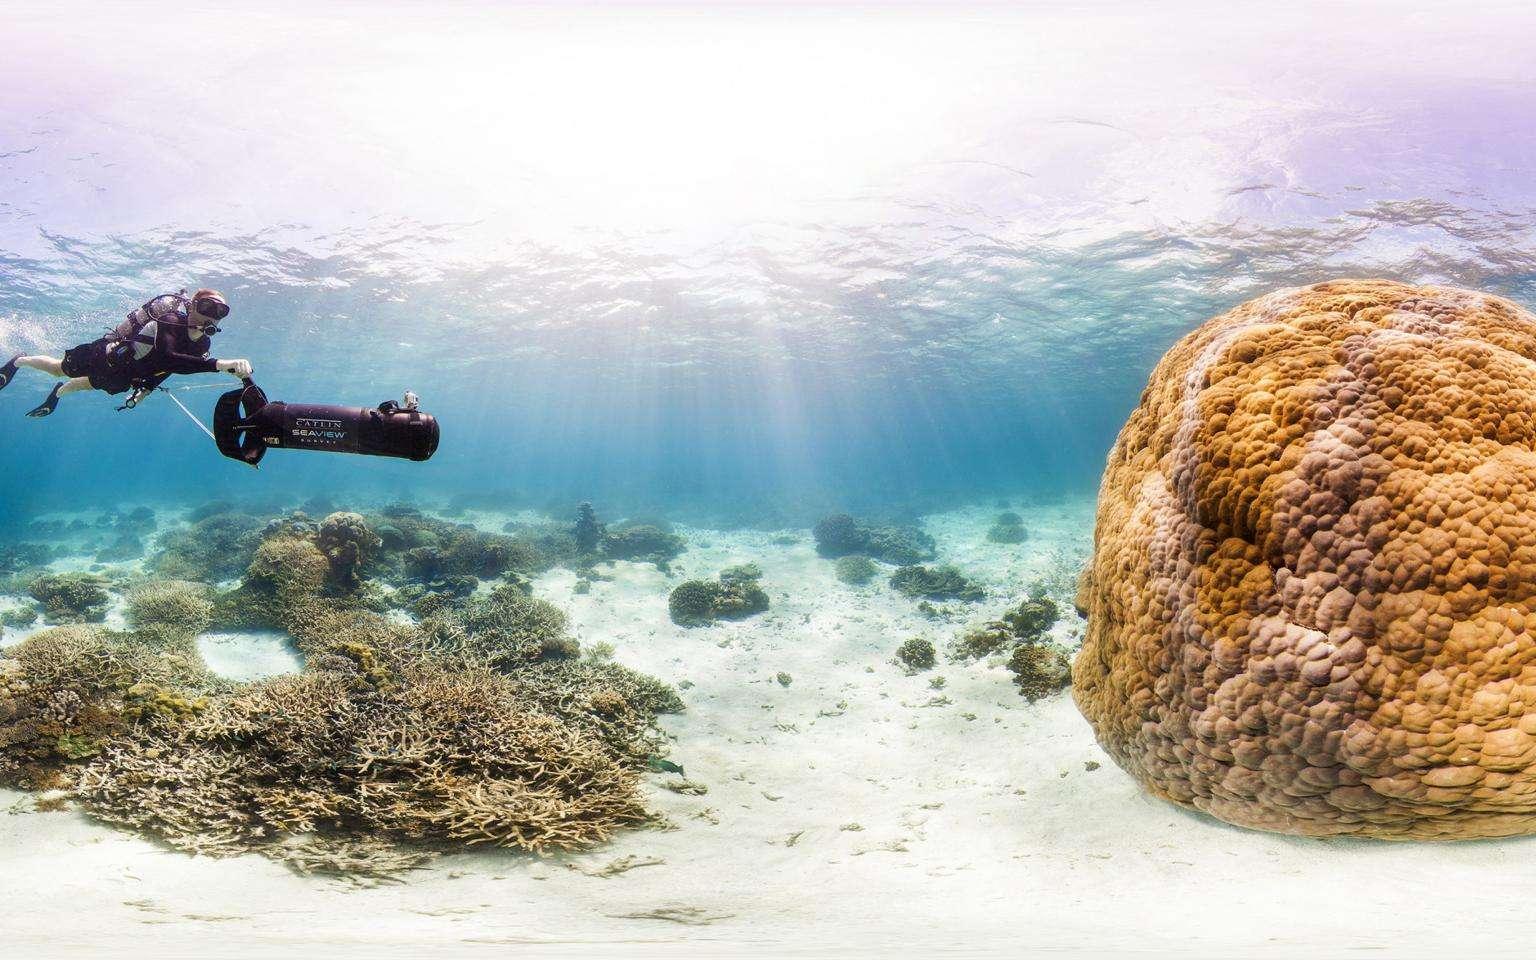 Philippe Cousteau en plongée avec le Catlin Seaview Survey en Australie sur le récif corallien de Wilson Island. © Catlin Seaview Survey